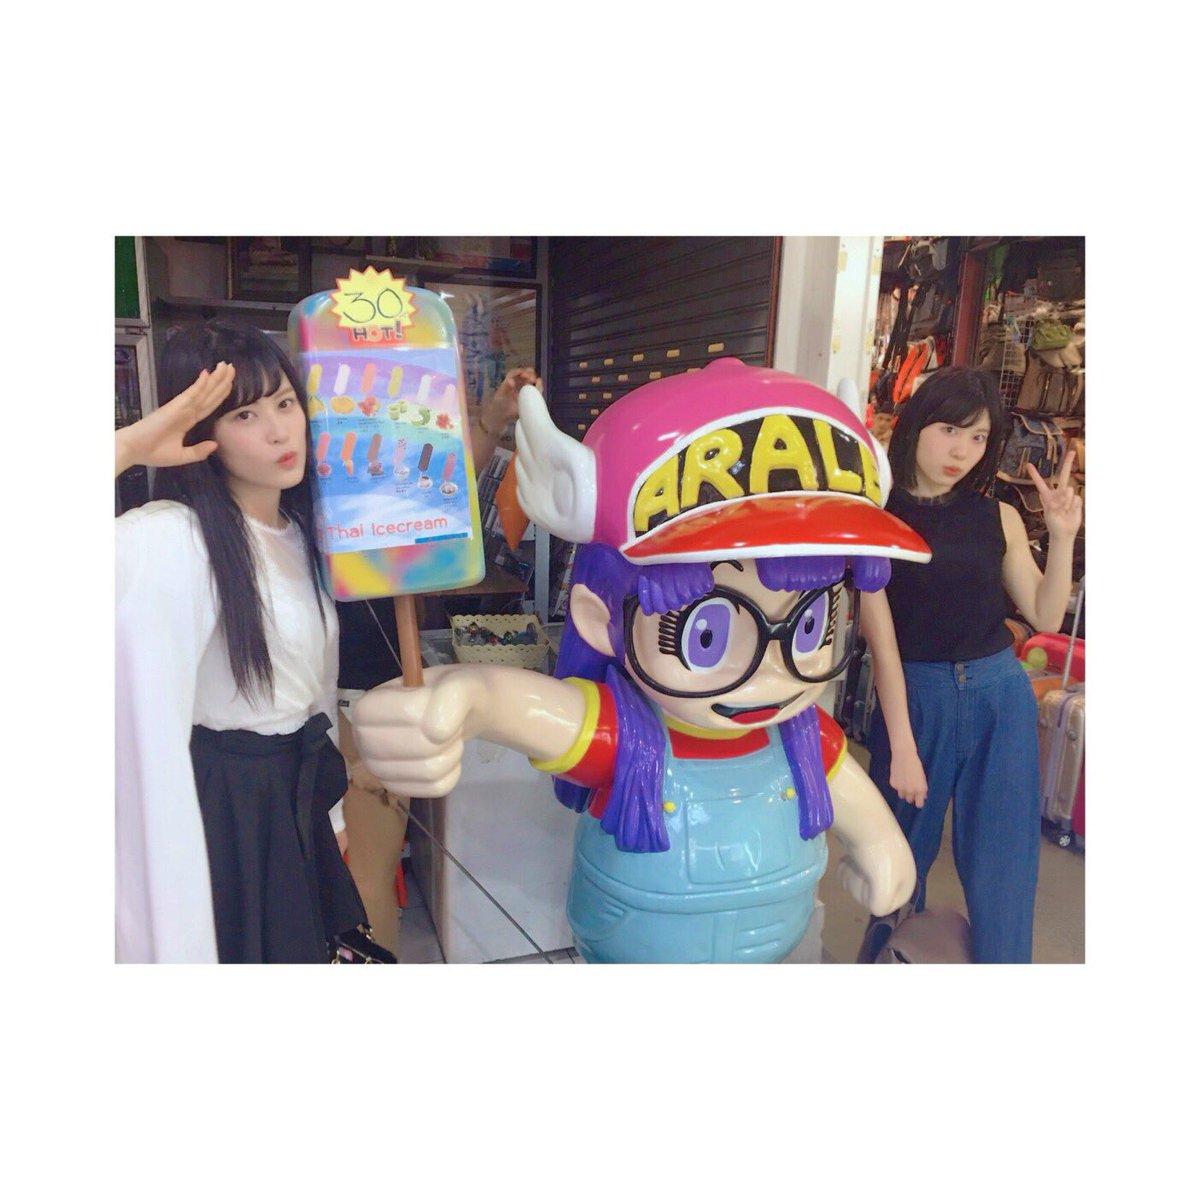 日本ただいま!! 冬だ〜〜❄️☃️😖  タイでアラレちゃんに会ったよ😍んちゃ!